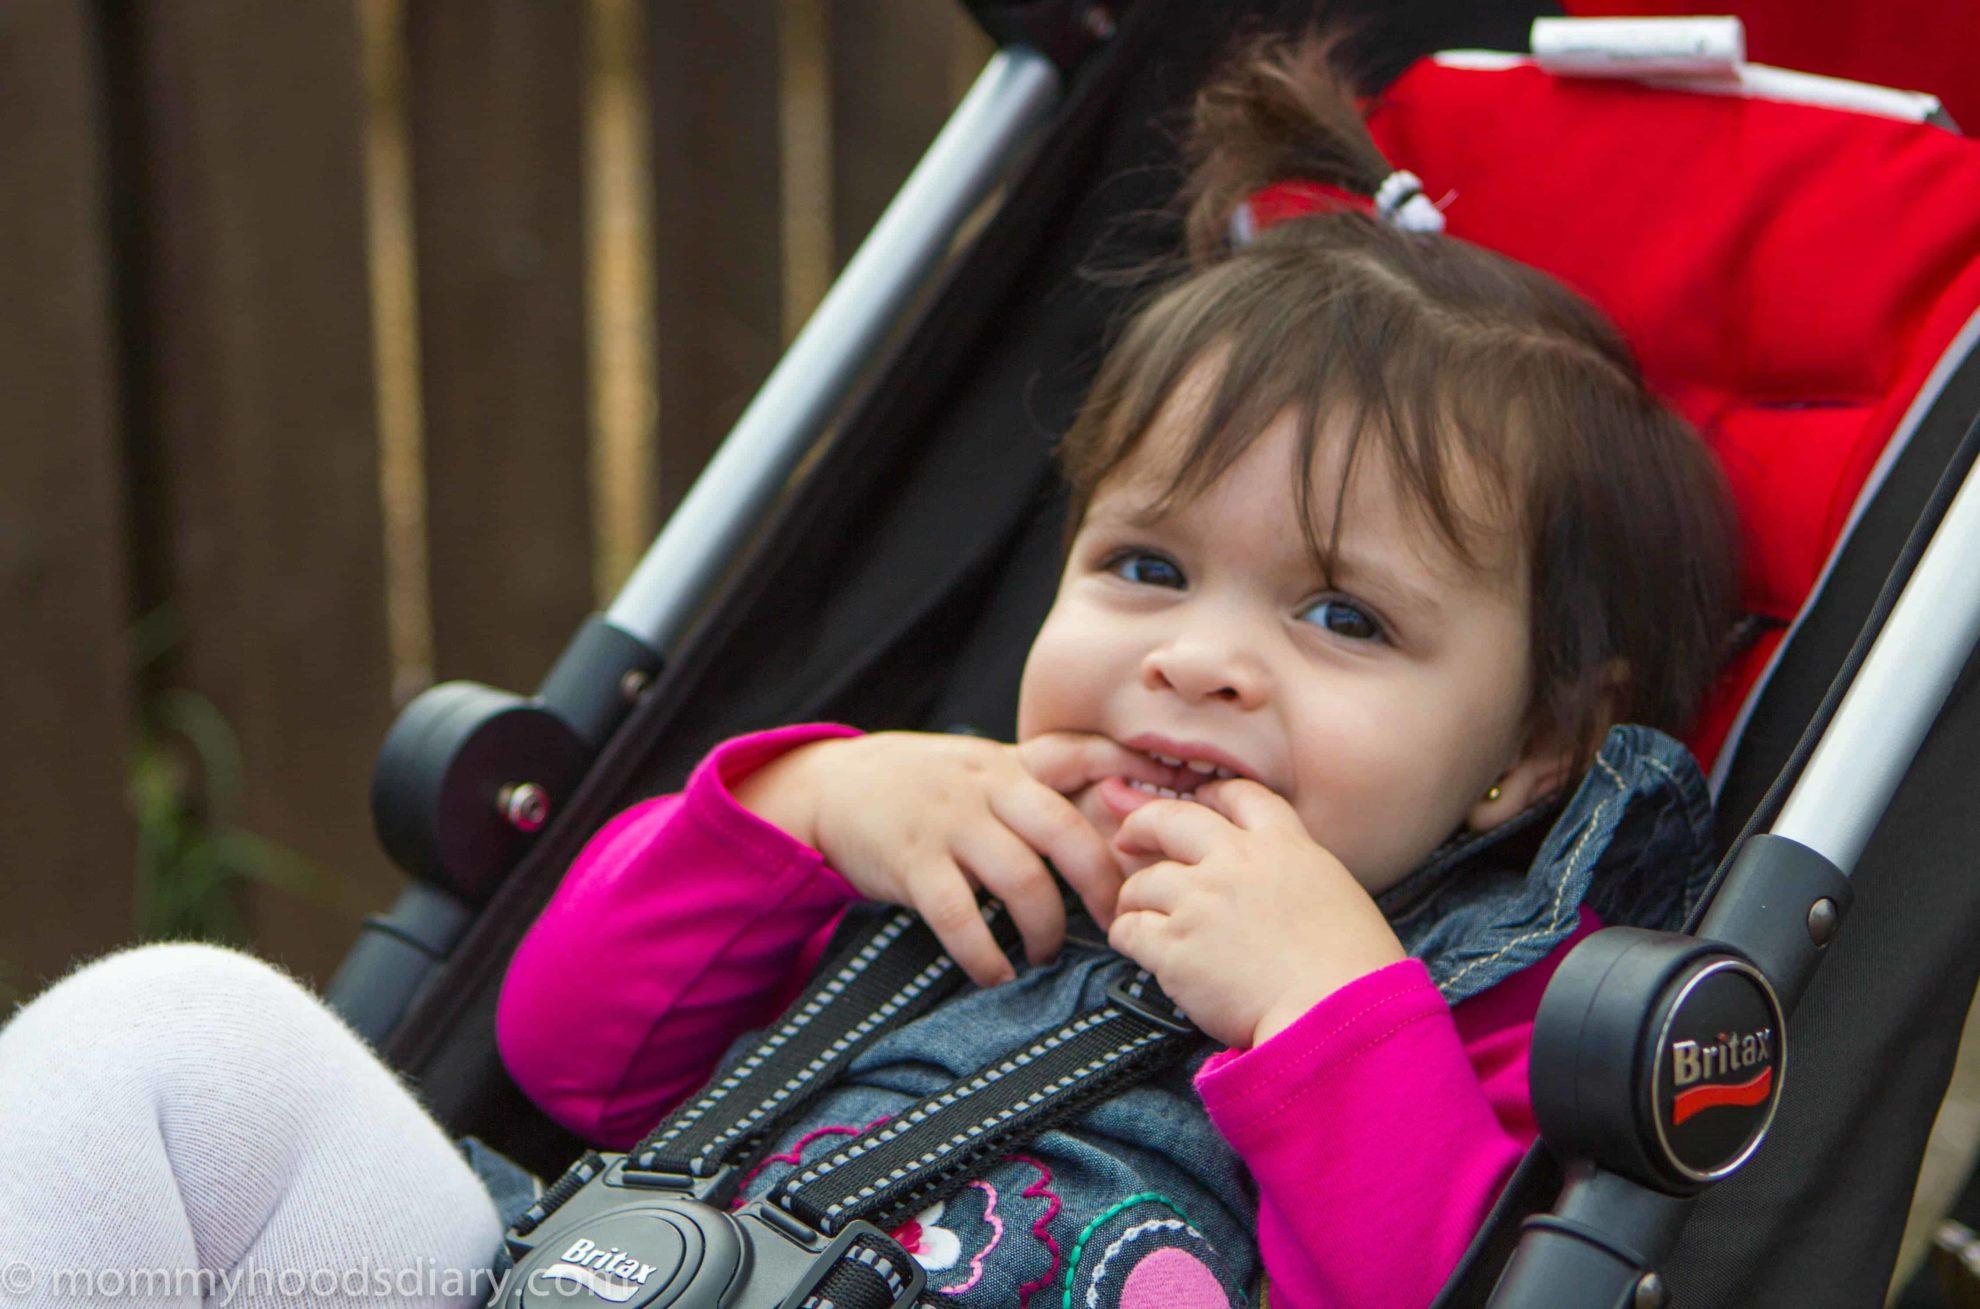 kid in a stroller